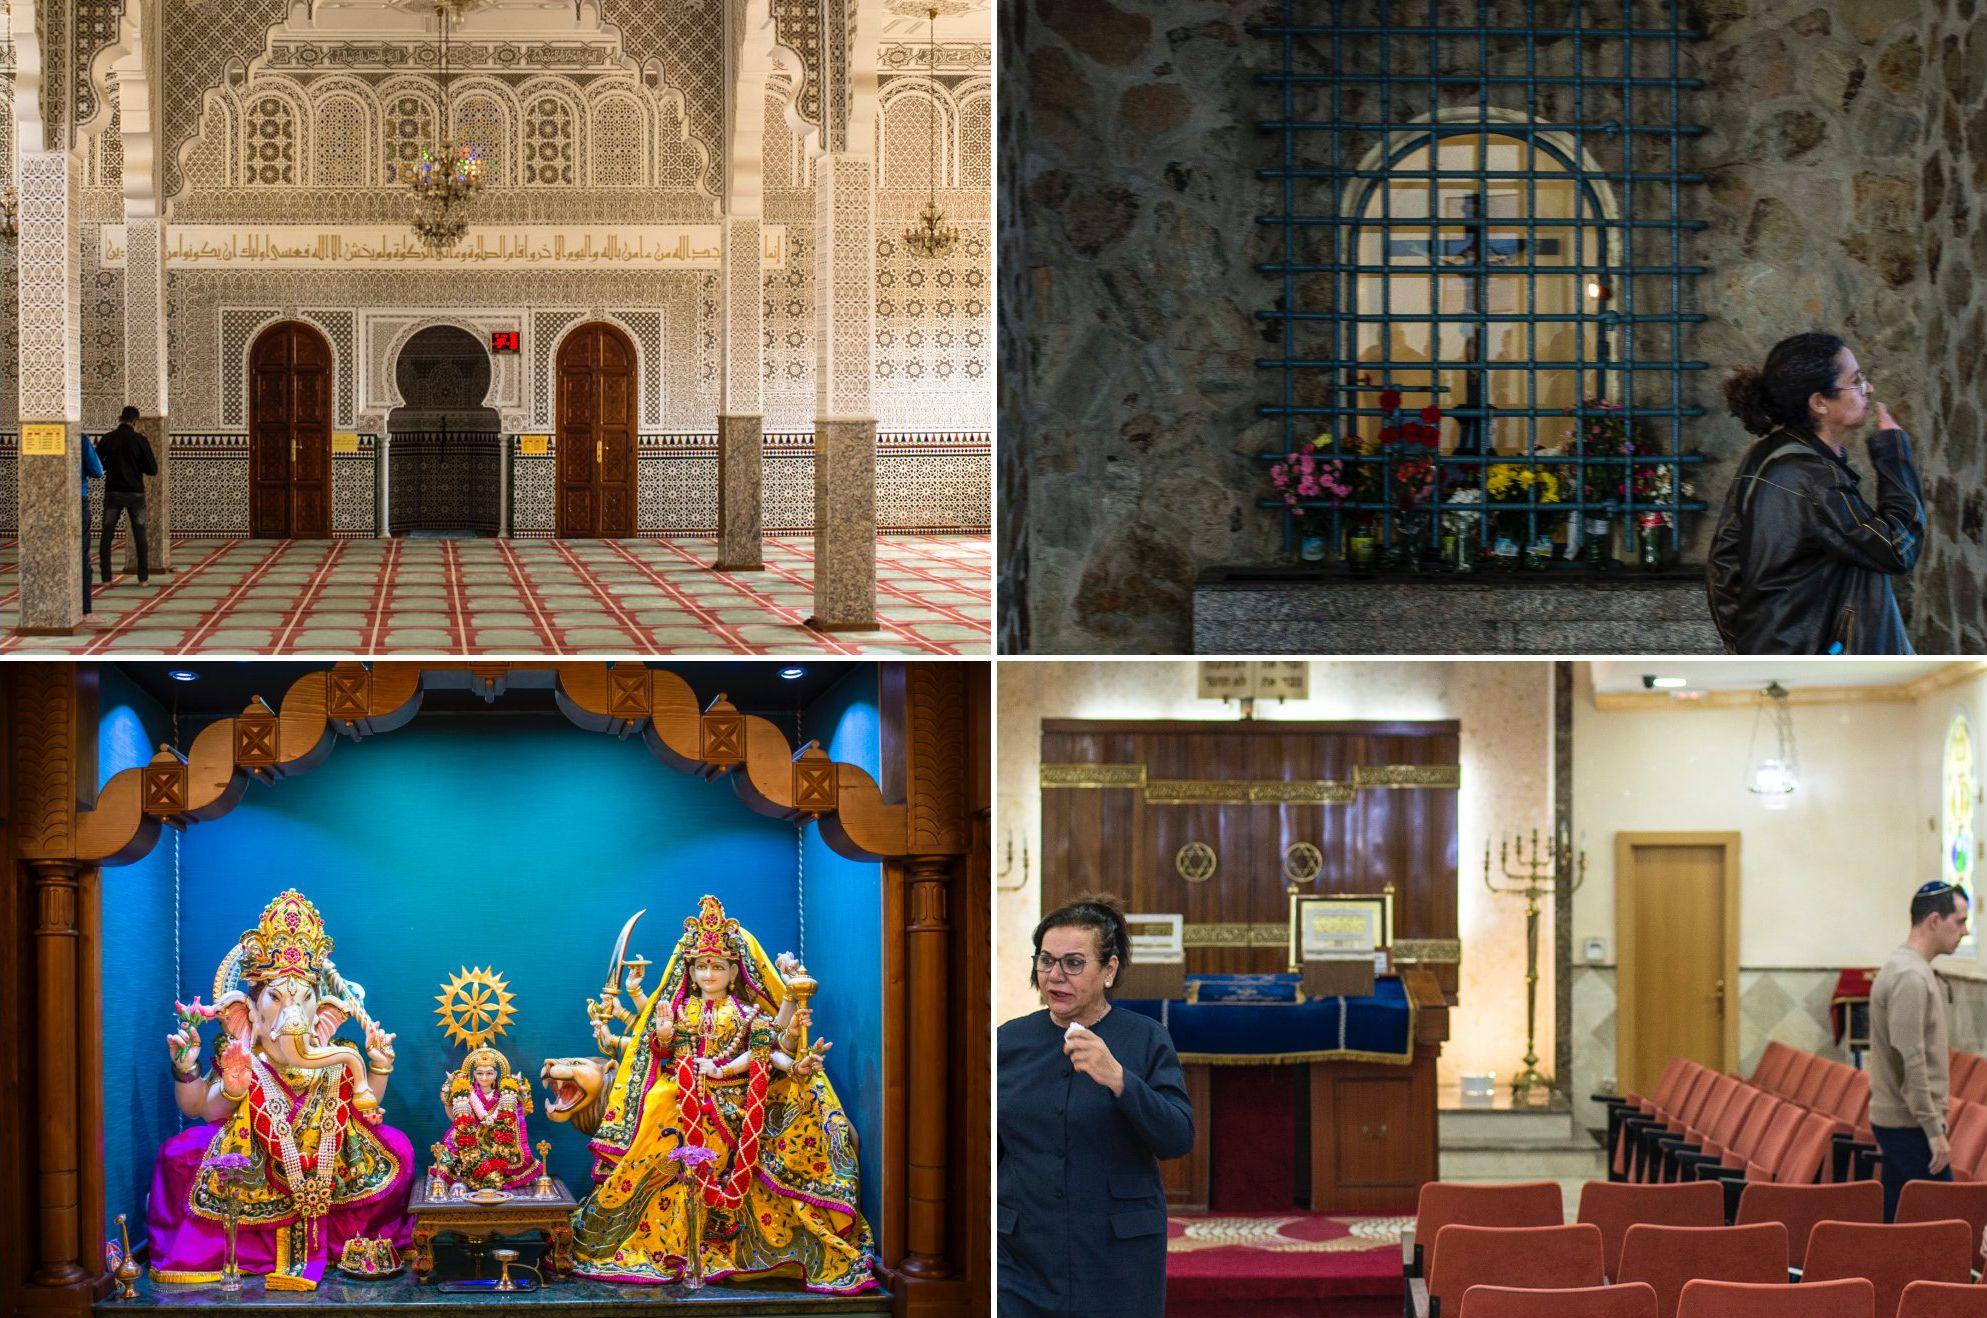 Las 4 religiones de Ceuta: musulmana, cristiana, hindú y hebrea